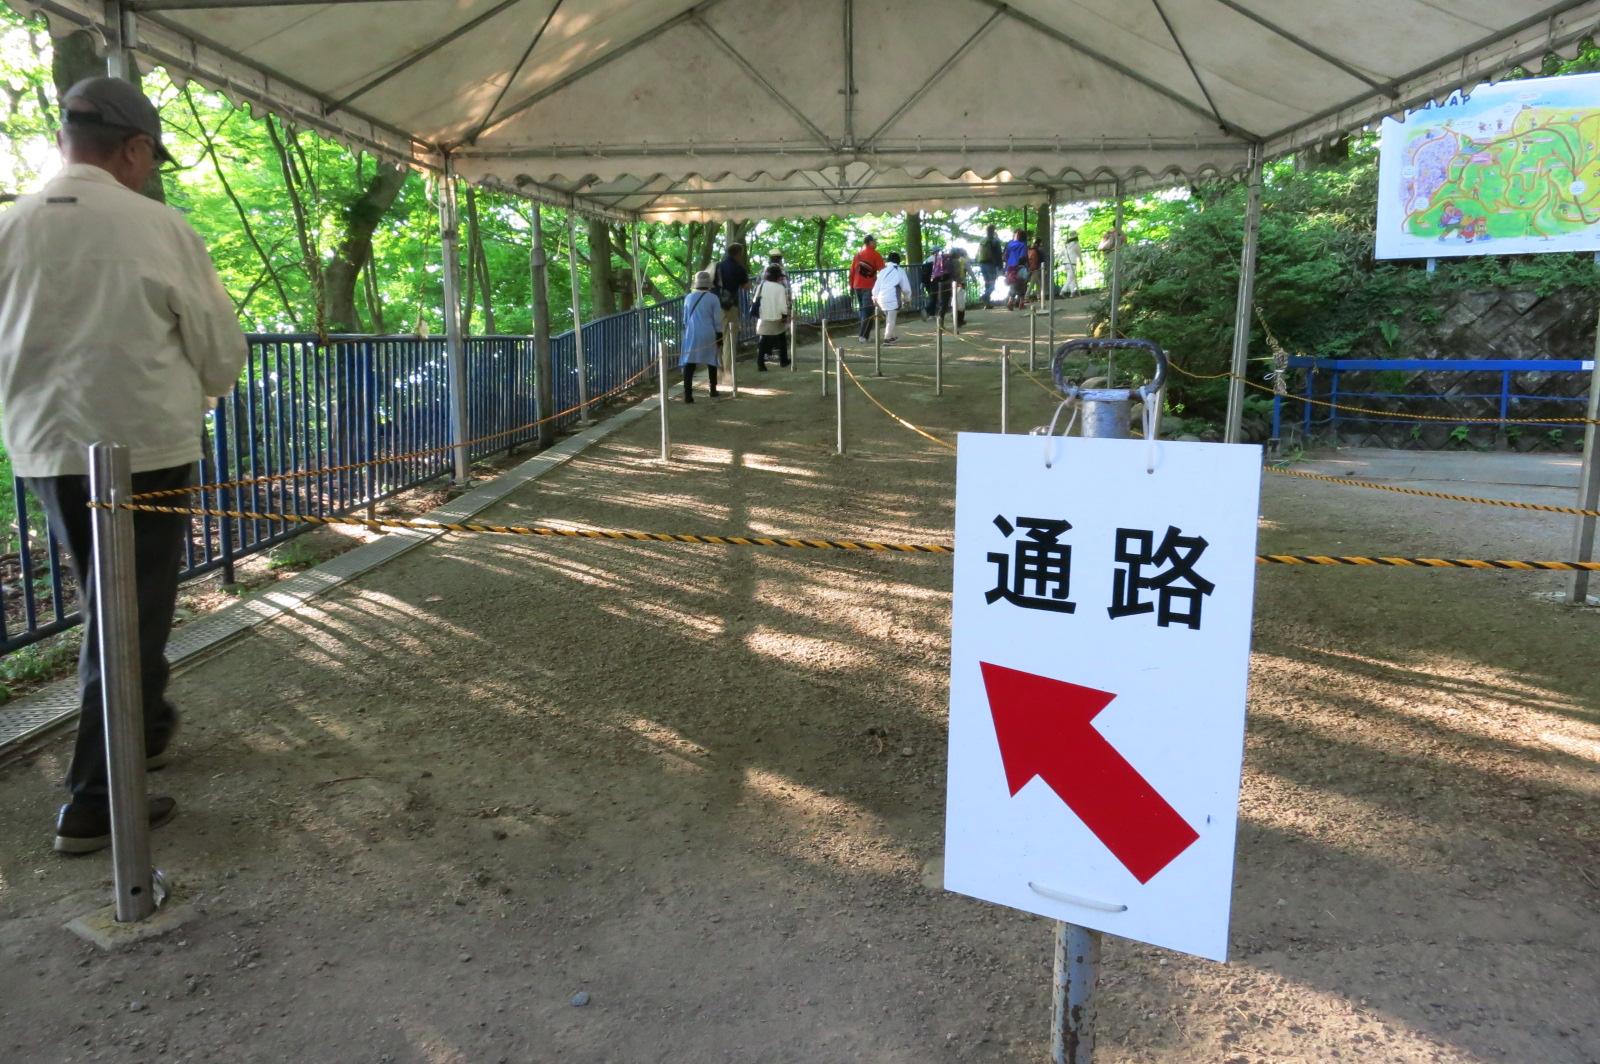 葛城山上駅で降りると、駅付近は歩く場所をロープで仕切っています。お昼にもなると大混雑です。